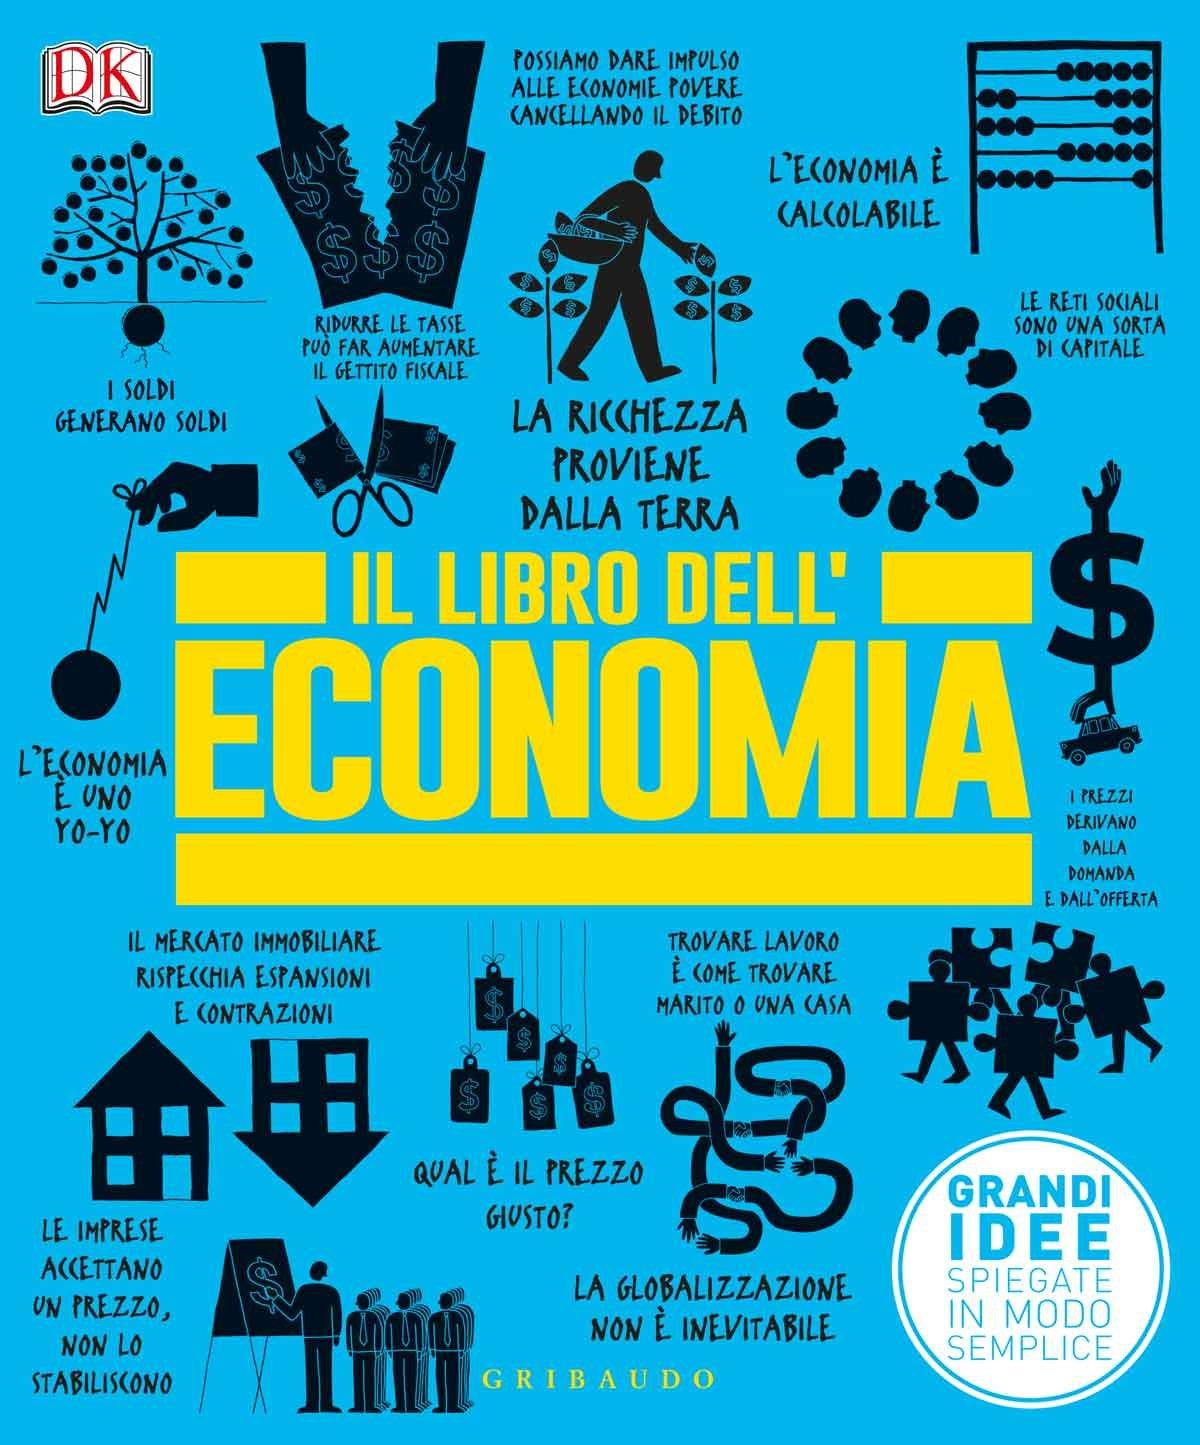 Il libro dell'economia. Grandi idee spiegate in mo...